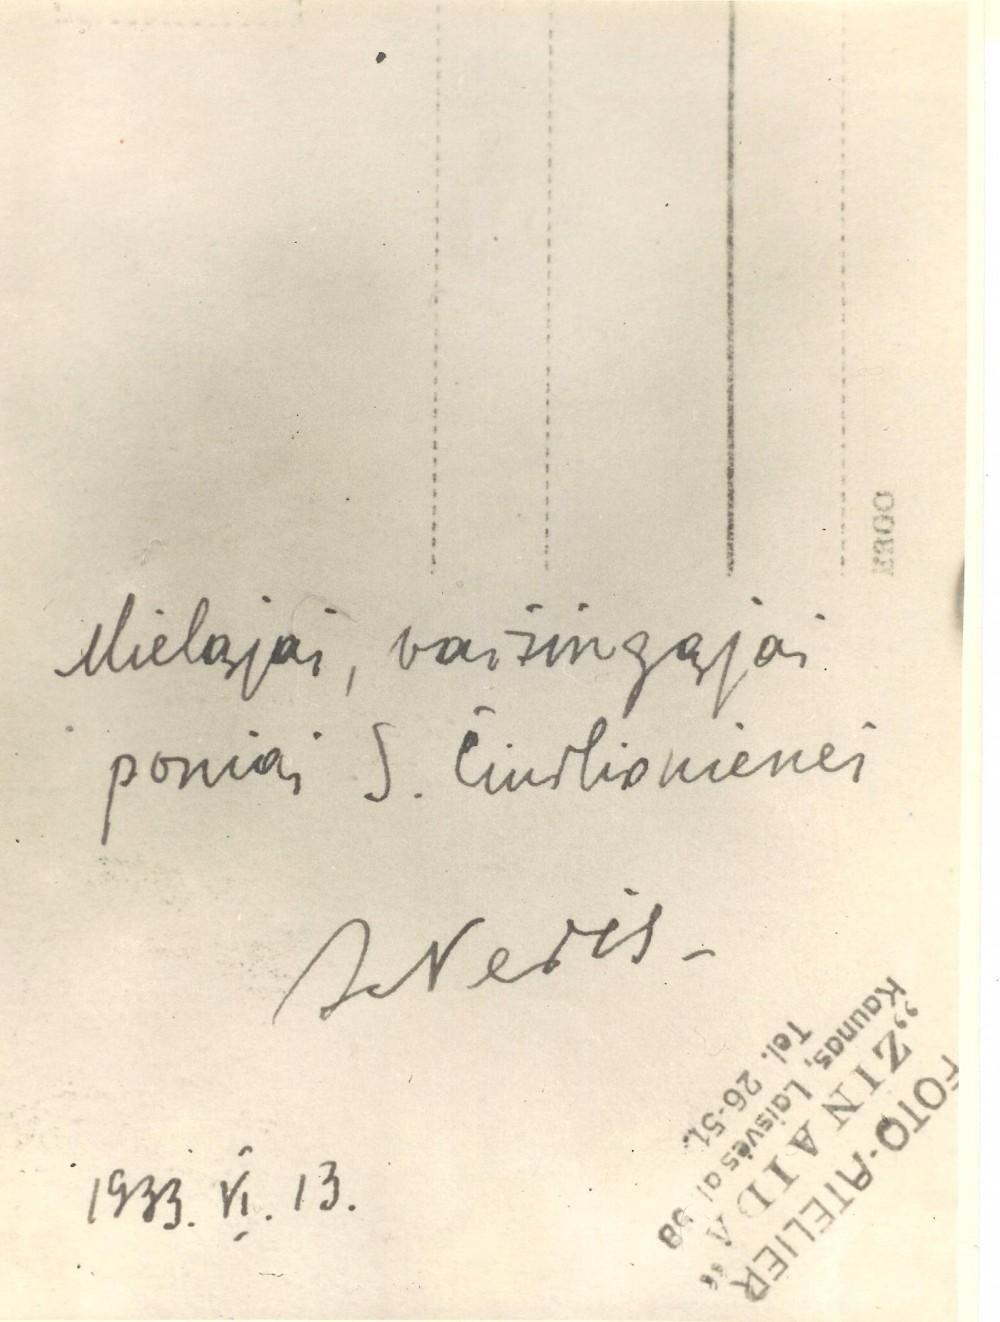 Dedikacija S. Čiurlionienei. 1933 m. birželio 13 d.